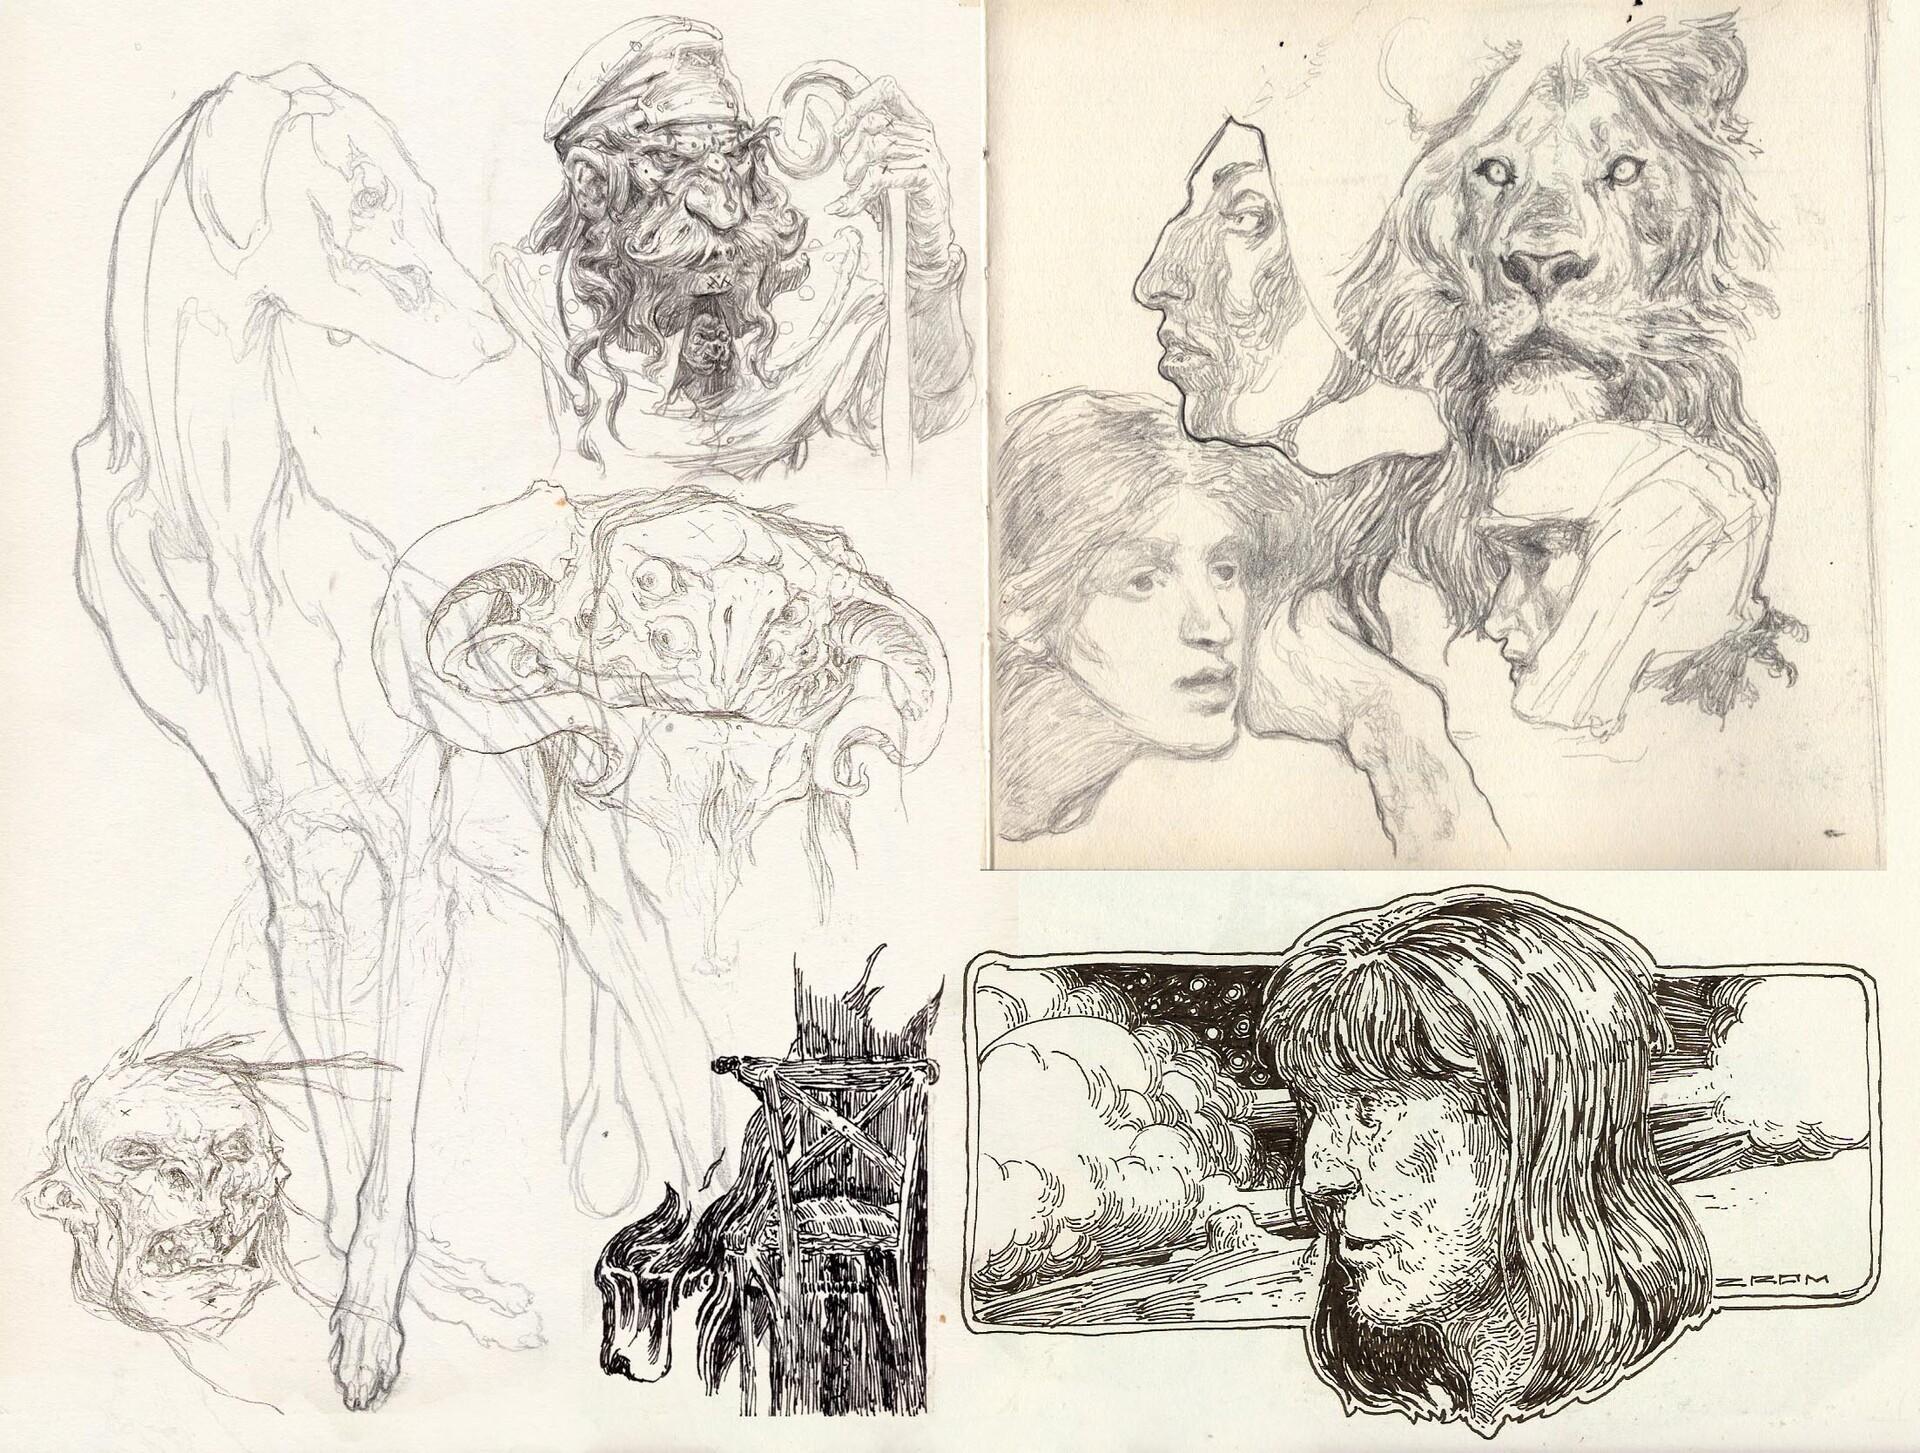 Daniel zrom danielzrom sketchbook14